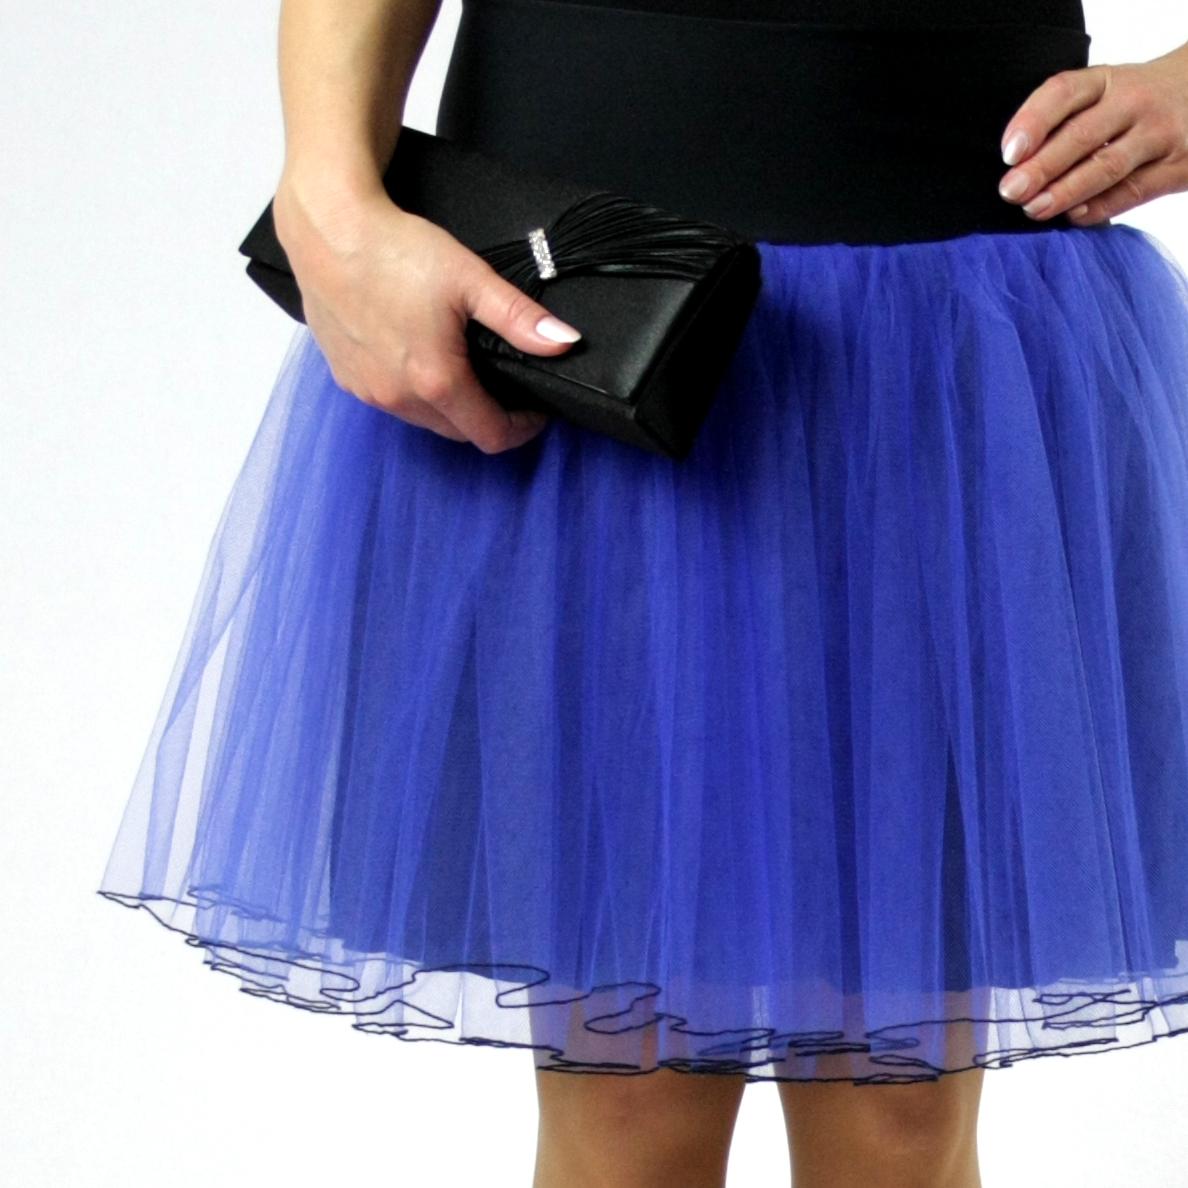 3bd06926110 Tylová sukně černá   modrá (délka 50 cm + 10 cm pas)   Zboží prodejce  Debonaire